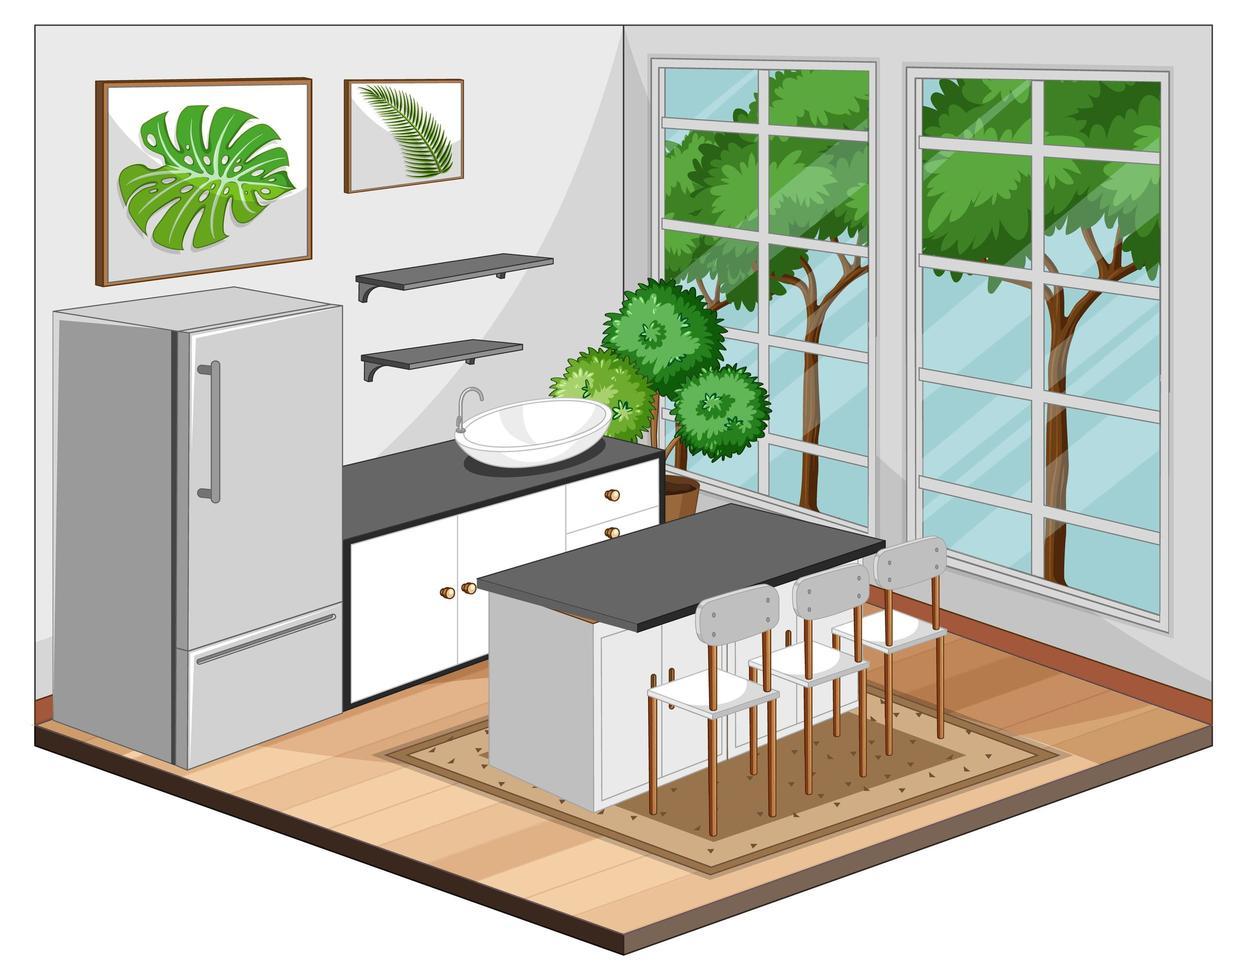 matsalinredning med möbler i modern stil vektor